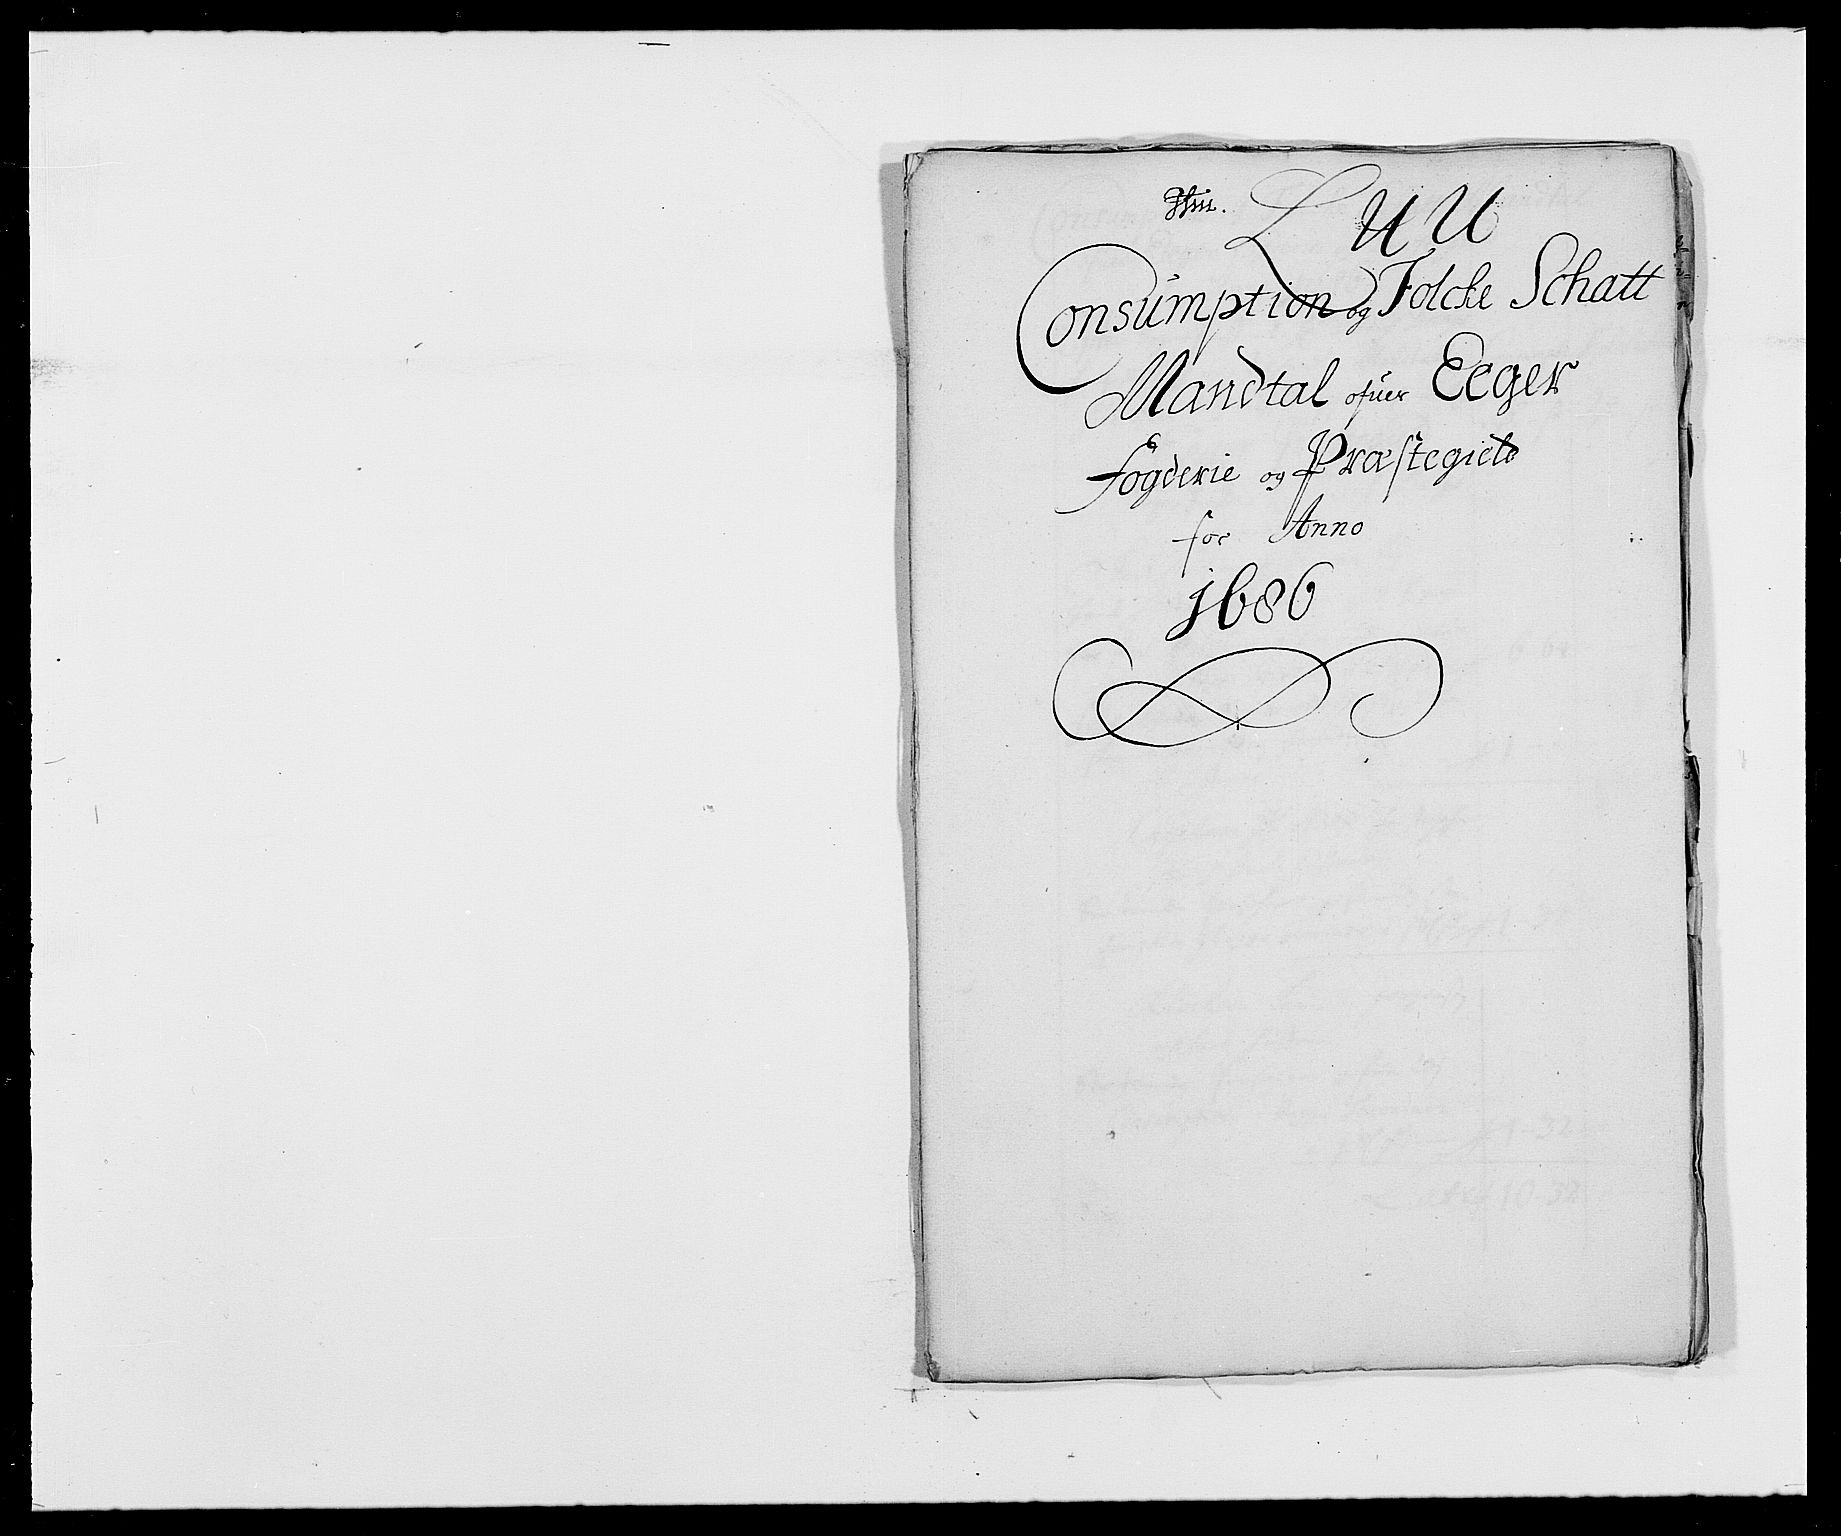 RA, Rentekammeret inntil 1814, Reviderte regnskaper, Fogderegnskap, R26/L1685: Fogderegnskap Eiker, 1679-1686, s. 198